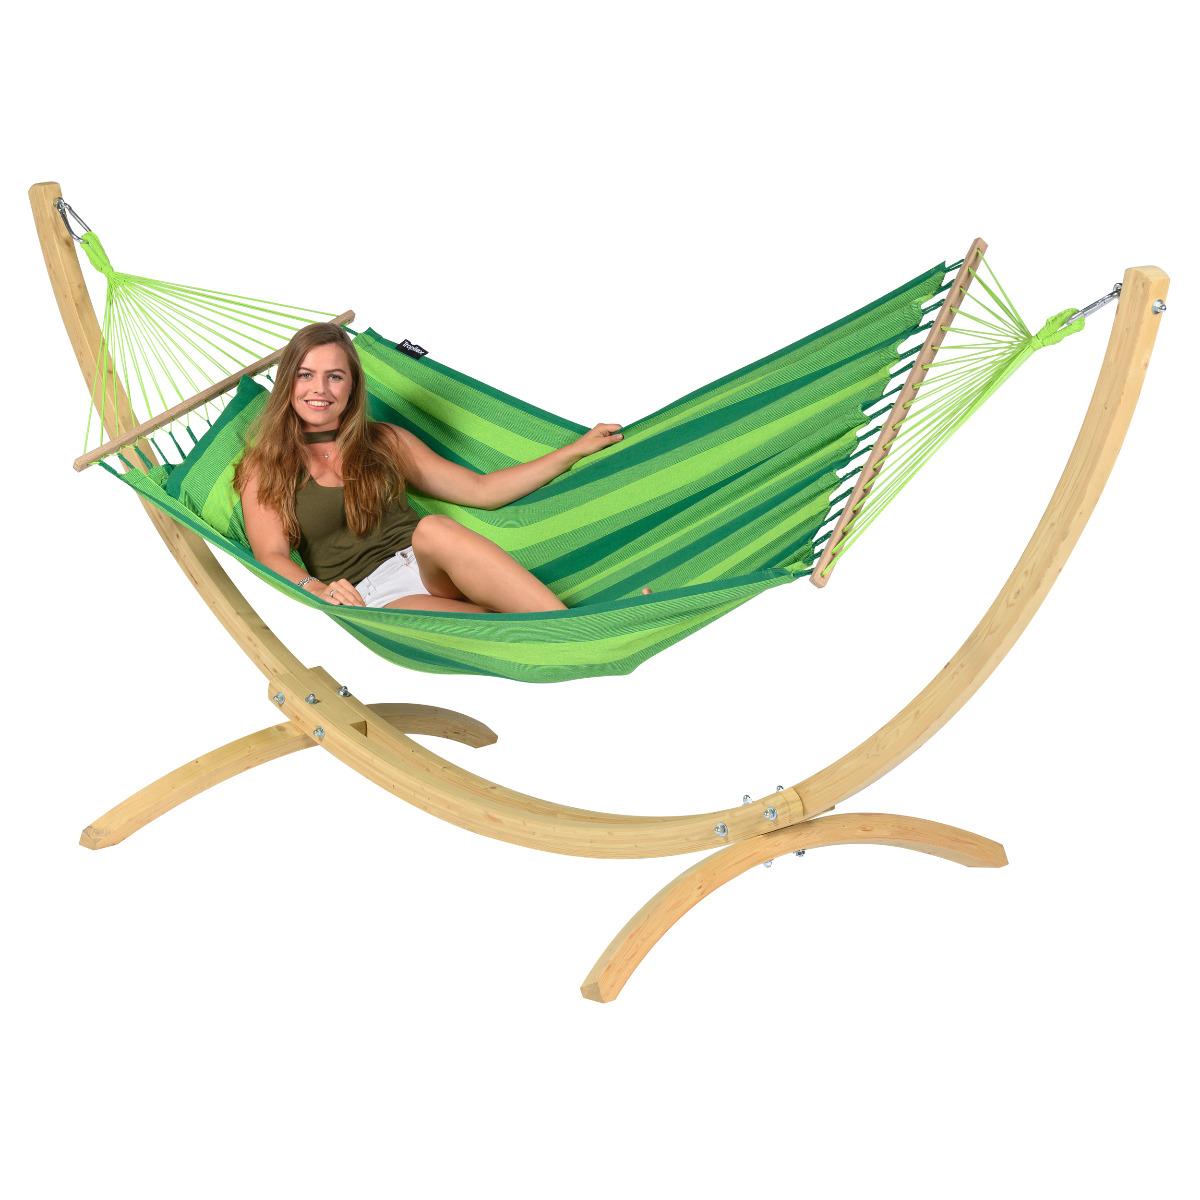 Hangmat 'Relax' Green - Tropilex �